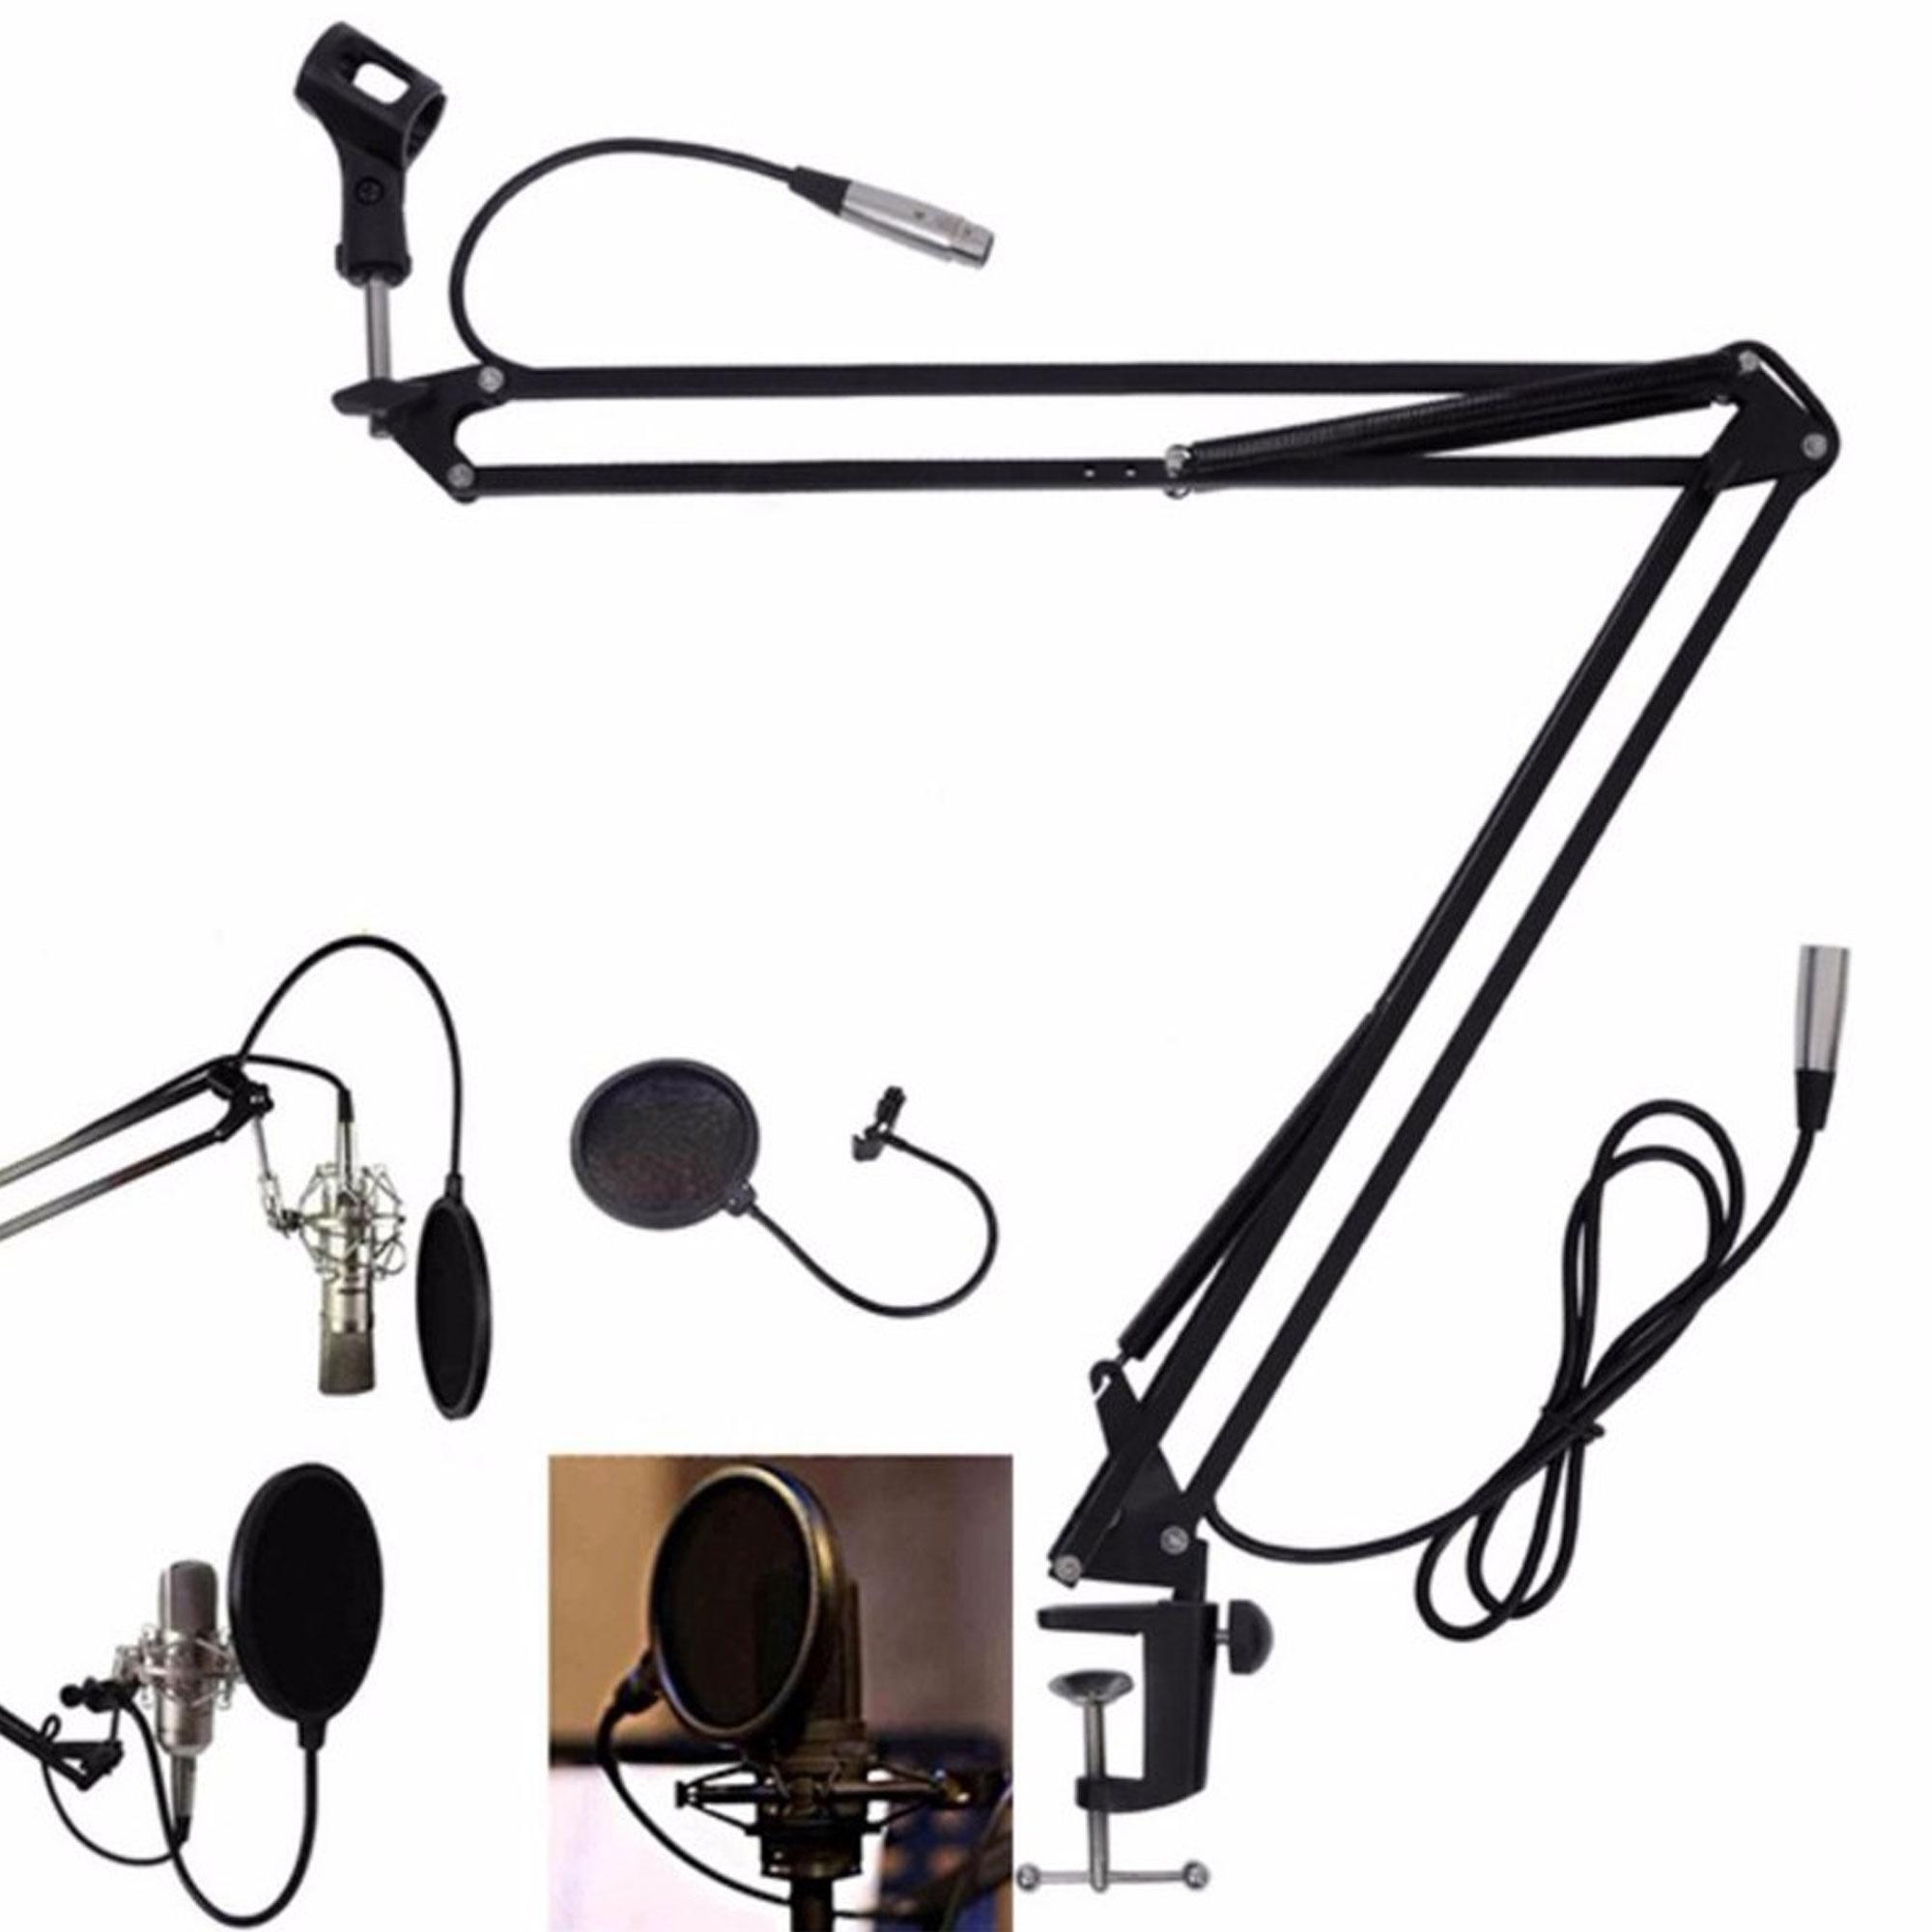 Giá đỡ Micro thu âm kẹp bàn phục vụ livestream - hội thảo - thu âm tại nhà - NDP-4550-GDMIC